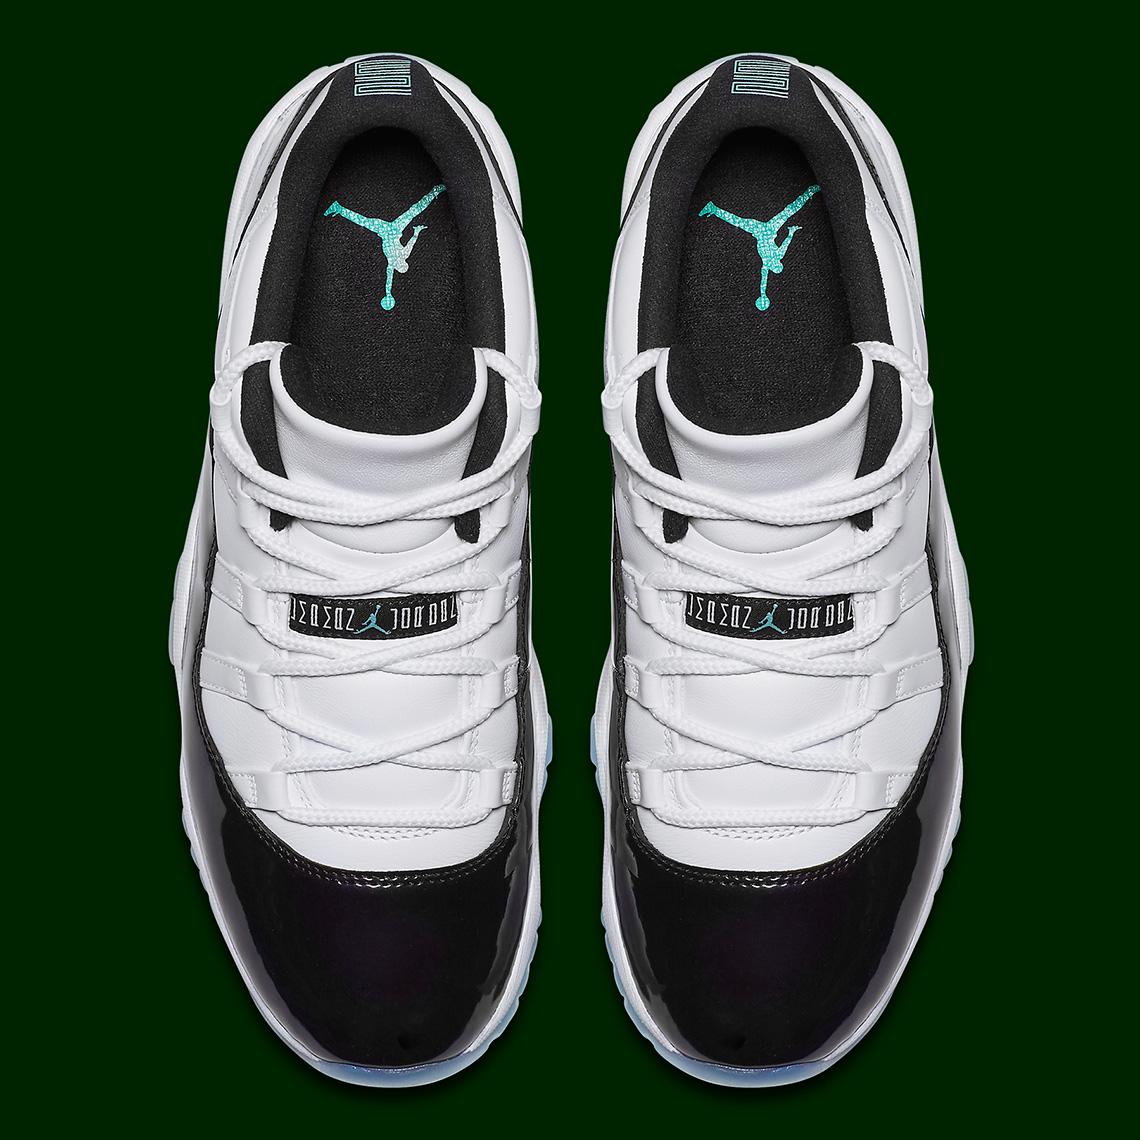 combien à vendre Air Jordan 11 Montée Rétro Faible Émeraude Skye de gros vente tumblr grosses soldes où trouver zXI8ERGC4